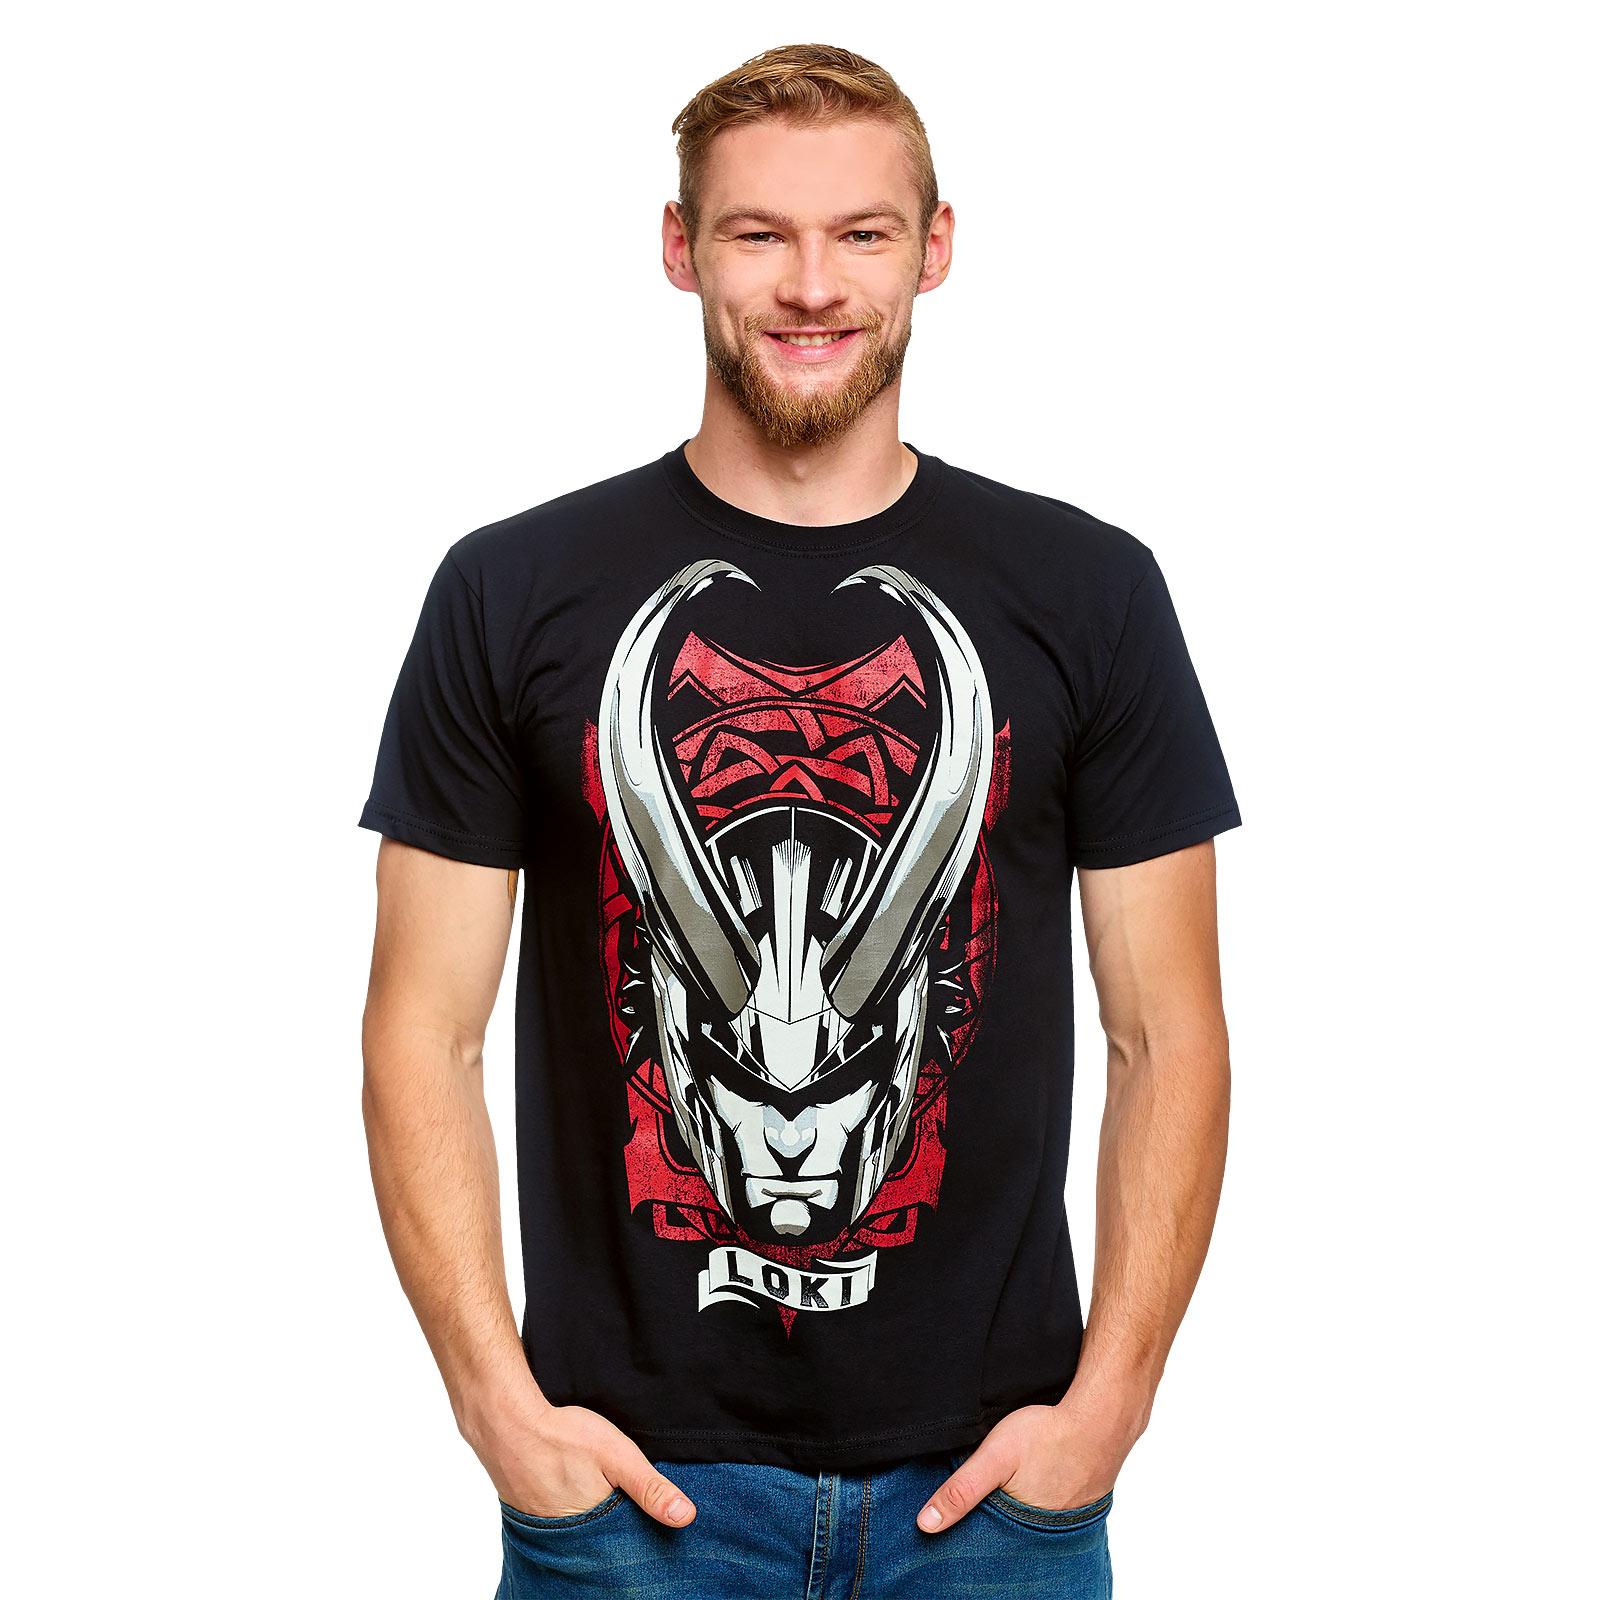 Loki - Horned Helmet T-Shirt schwarz